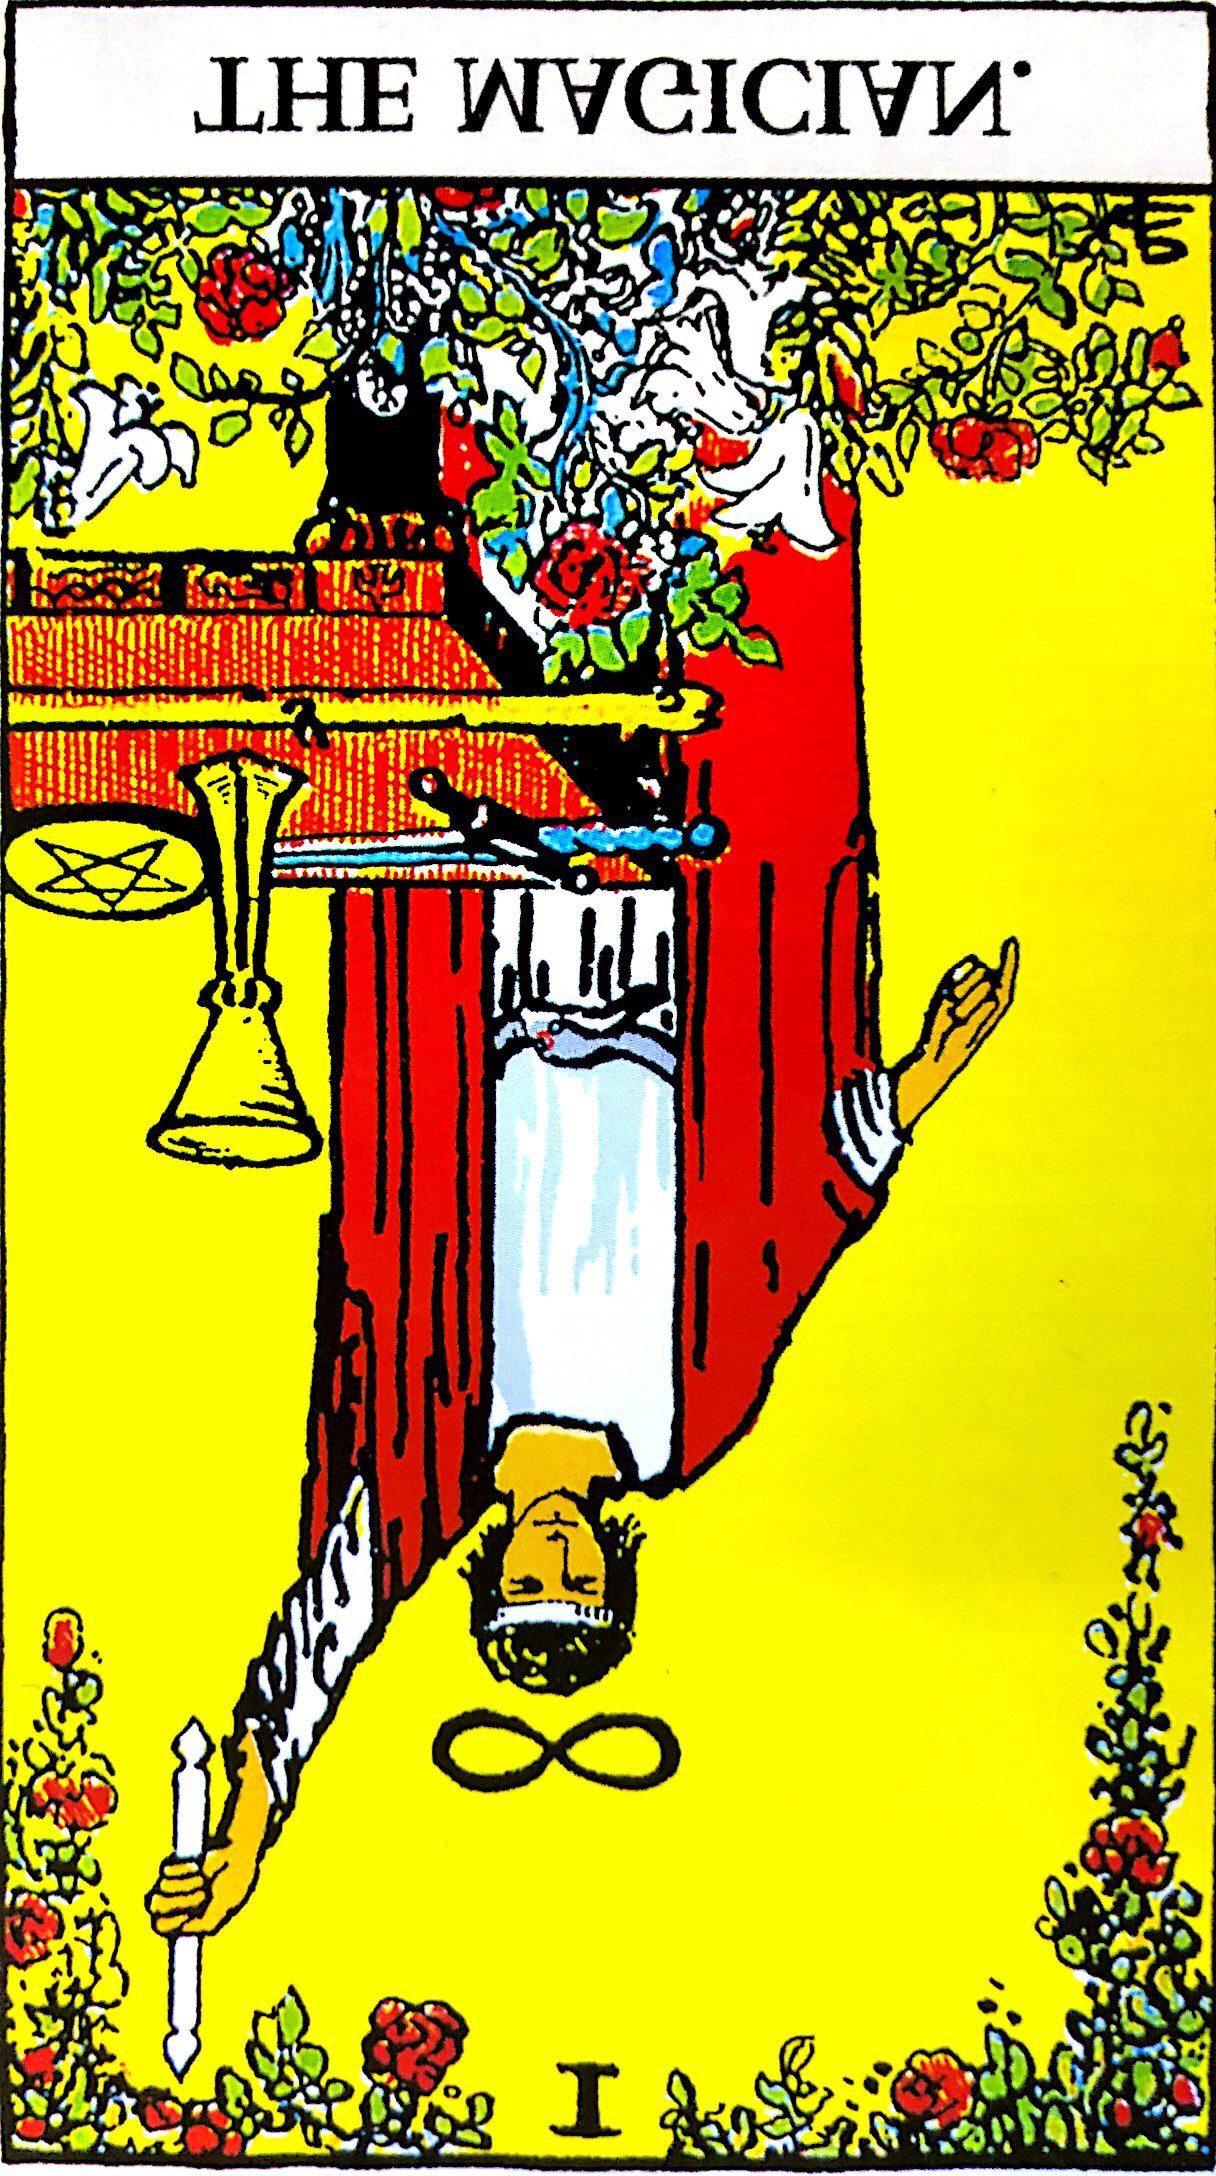 タロットの「魔術師」の意味【逆位置】